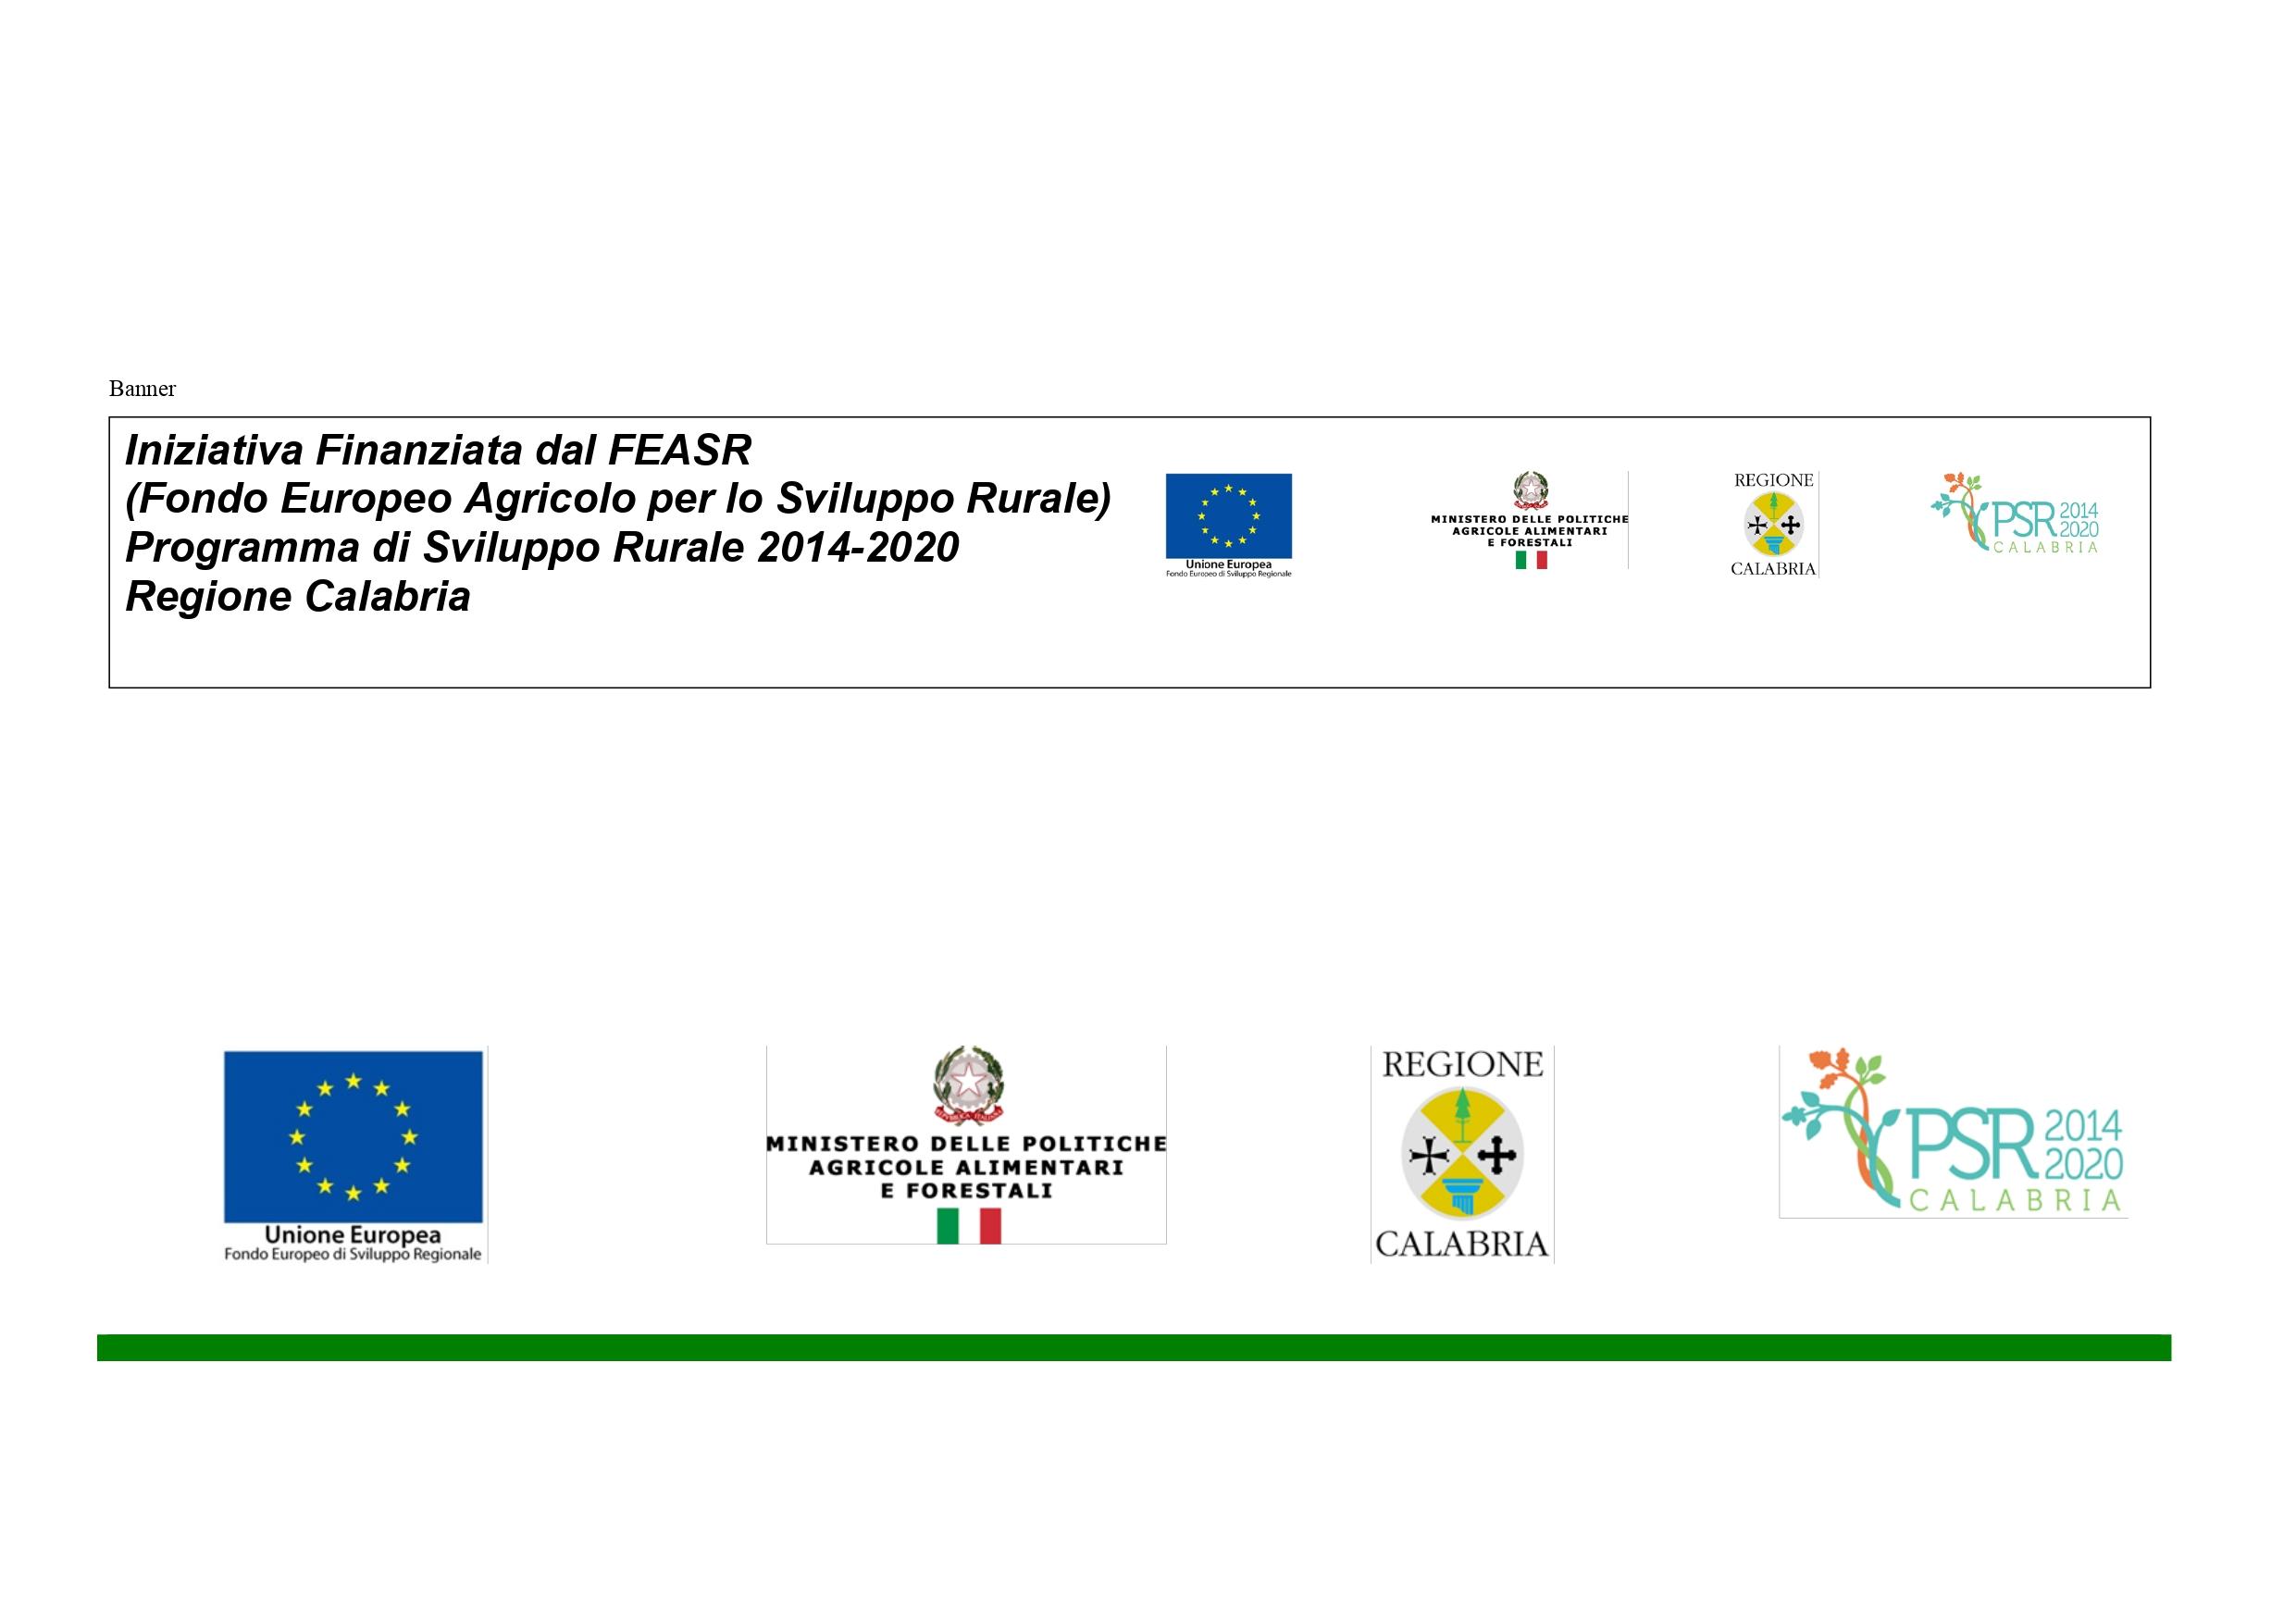 Programma di Sviluppo Rurale 2014/2020  Regione Calabria